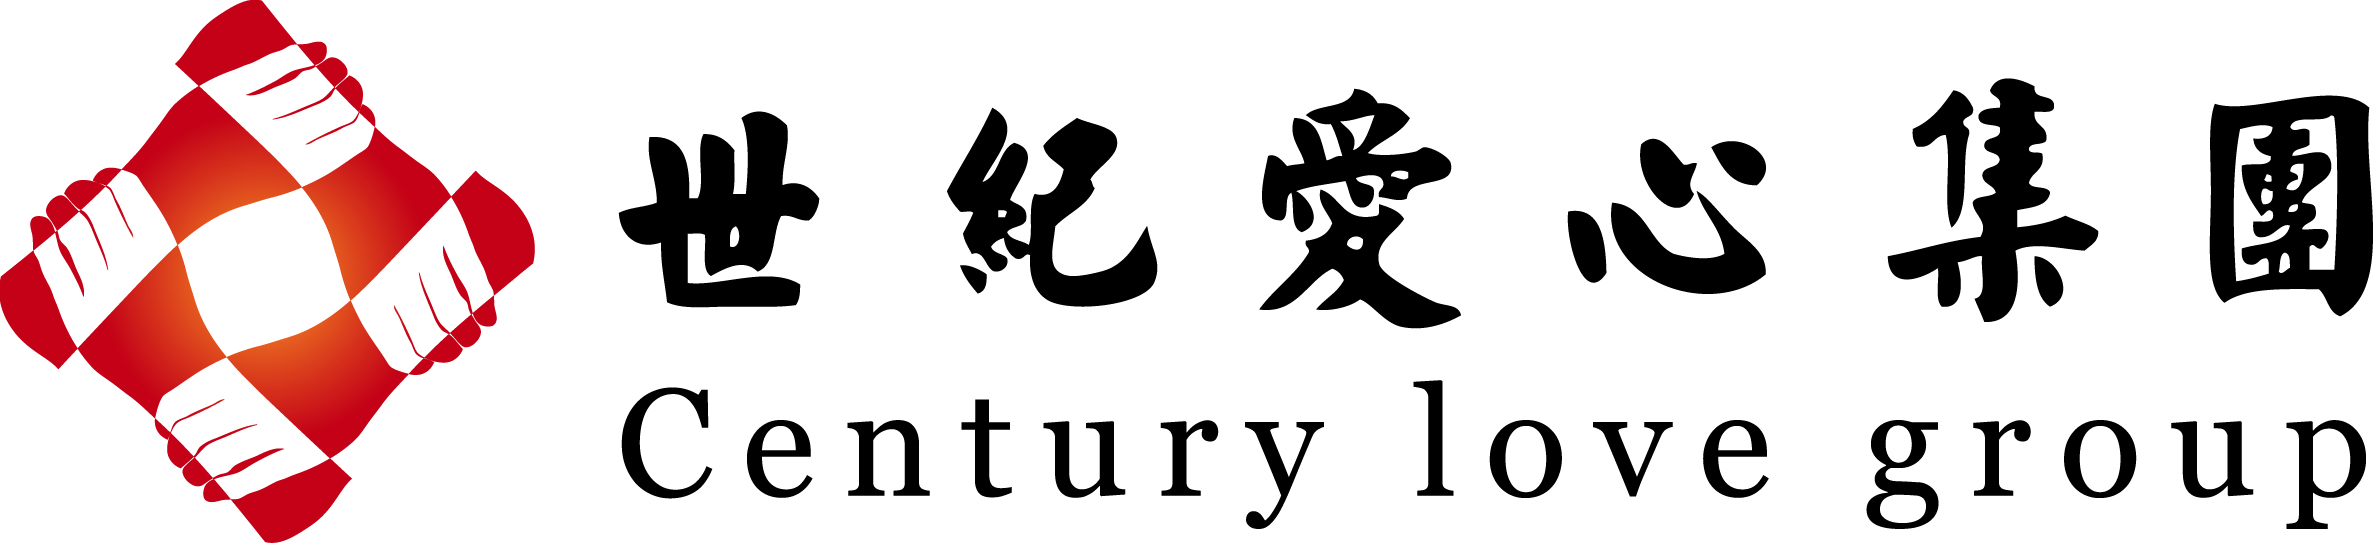 世纪爱心国际投资集团有限公司最新招聘信息